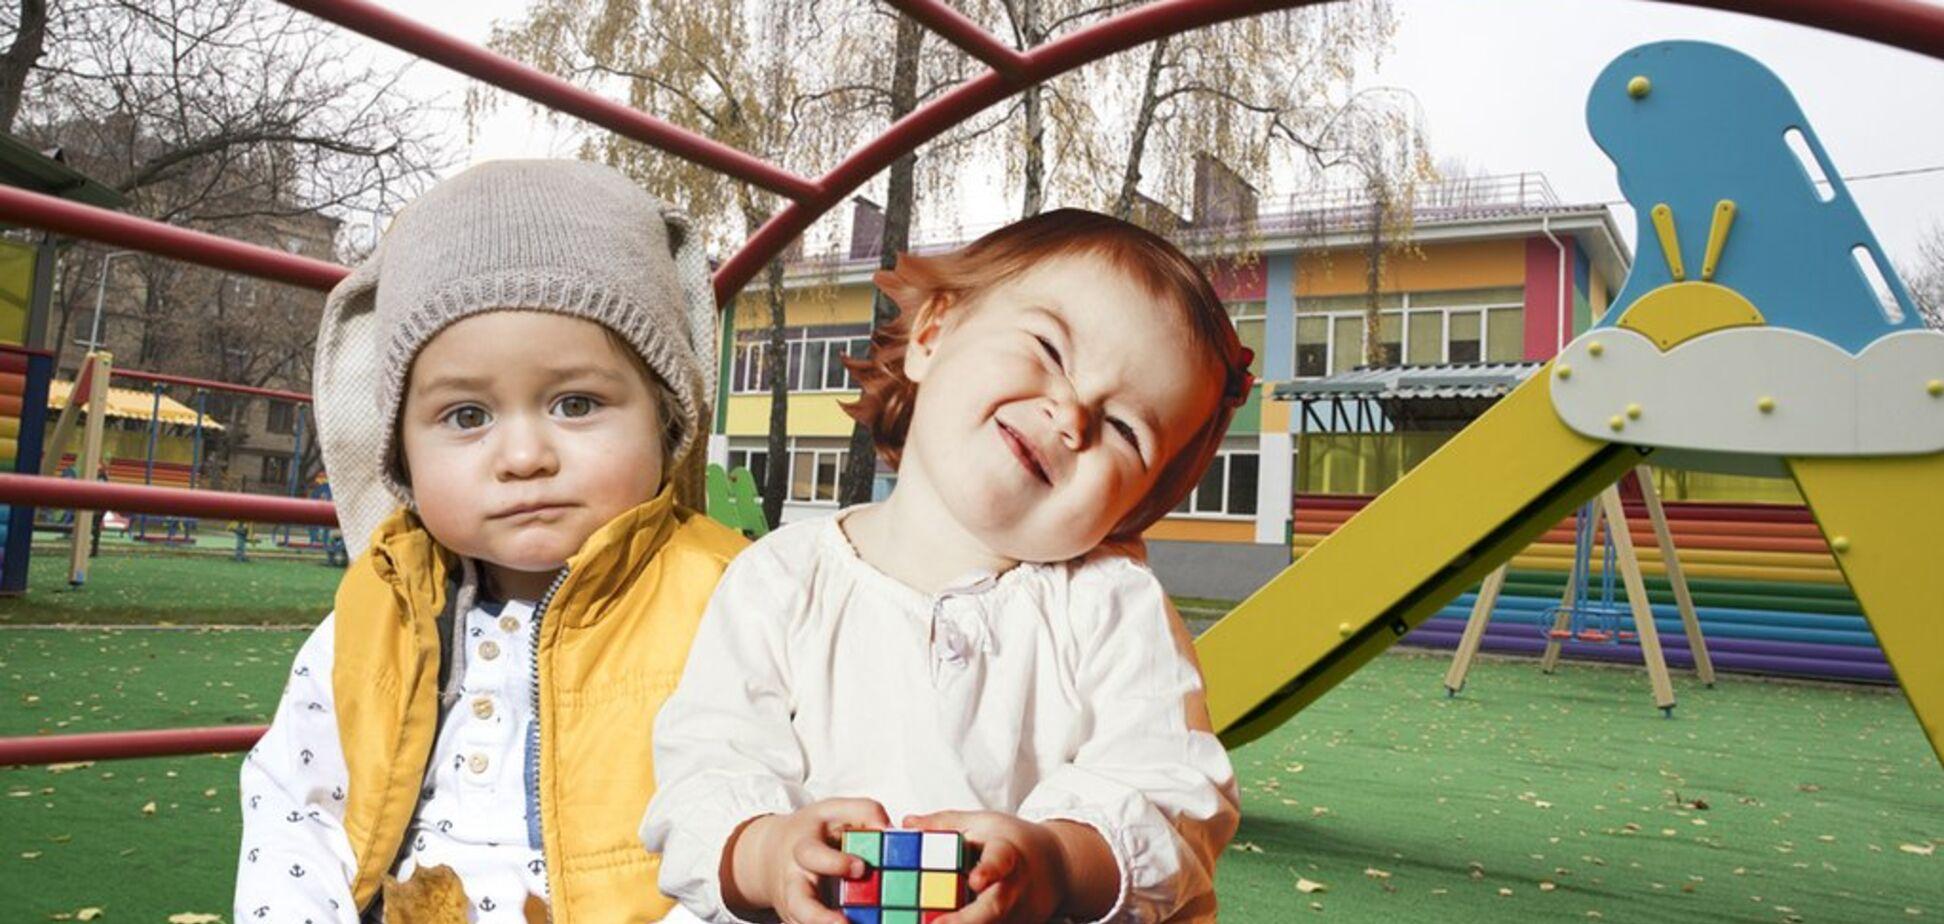 'Записалася ще вагітною': до чого вдаються київські батьки, аби отримати місце у садочку